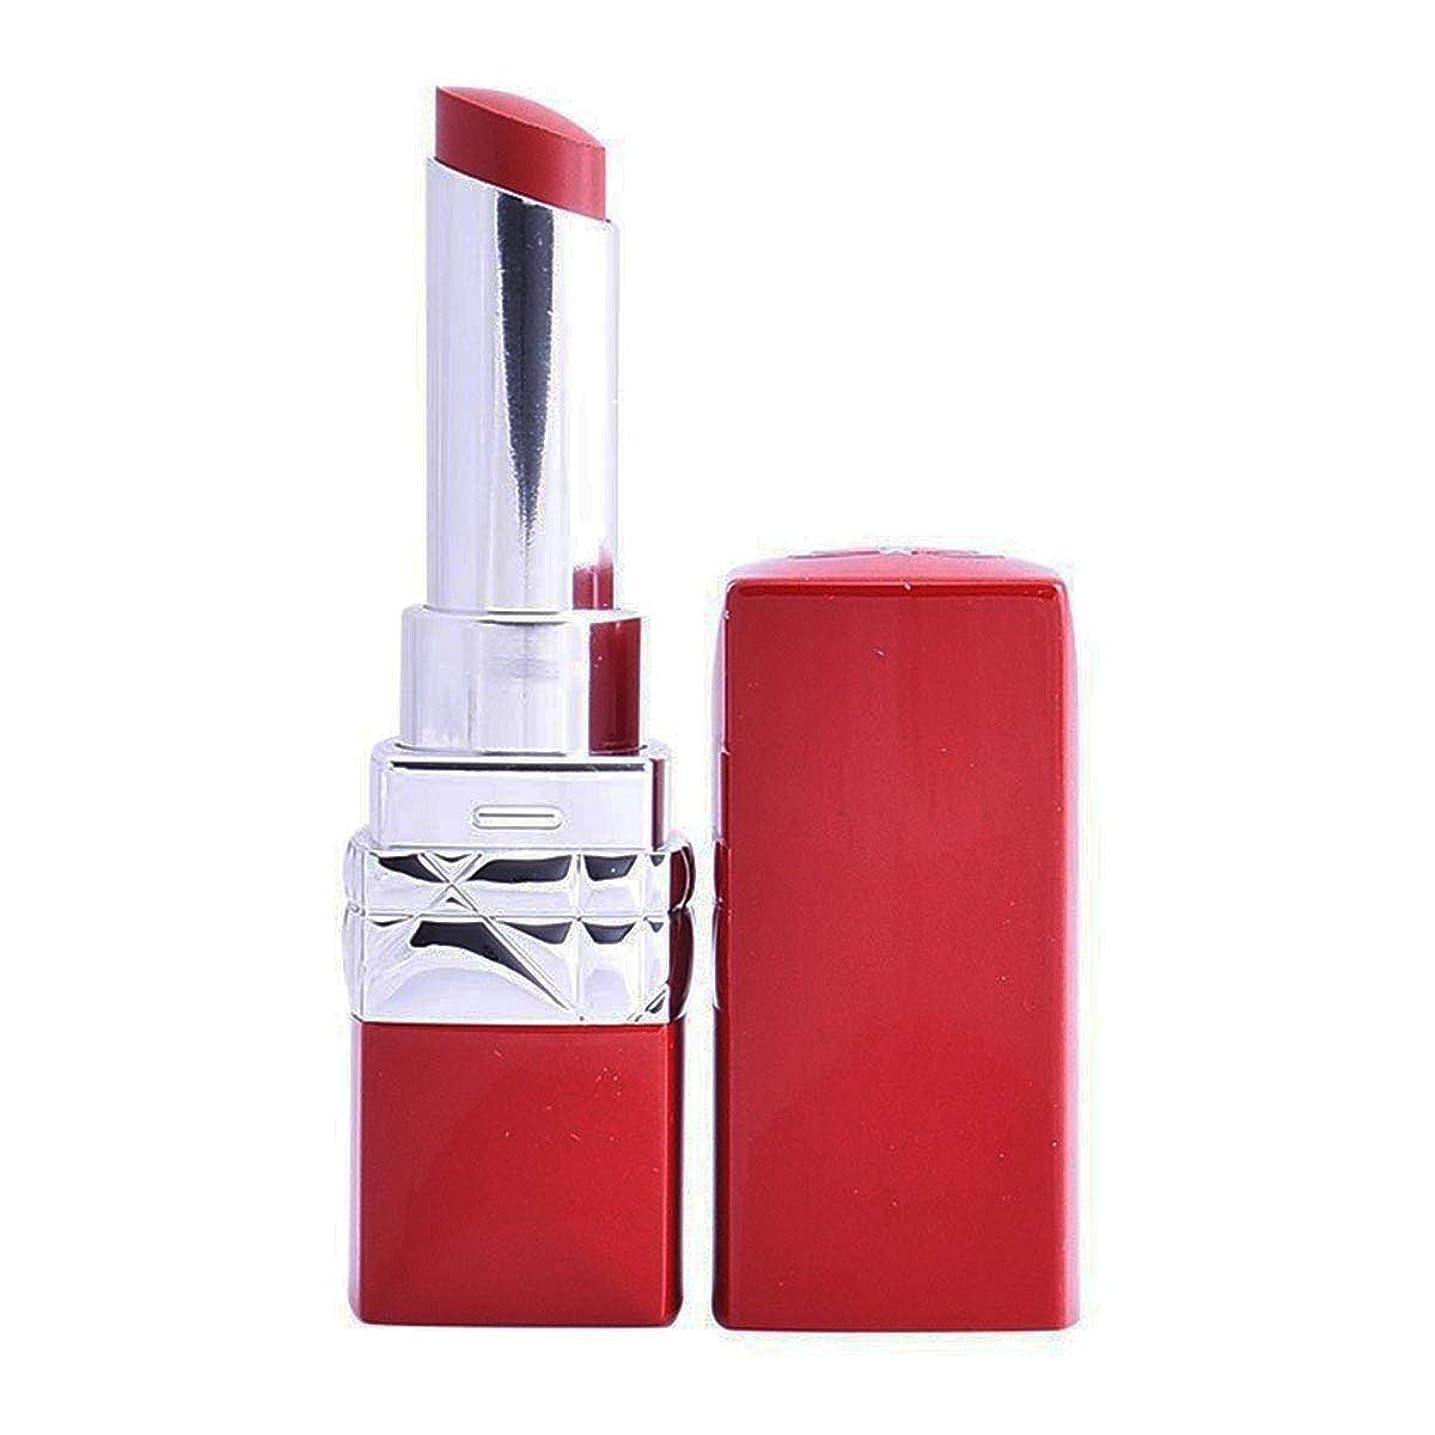 振る舞い規制木製クリスチャンディオール Rouge Dior Ultra Rouge - # 641 Ultra Spice 3.2g/0.11oz並行輸入品